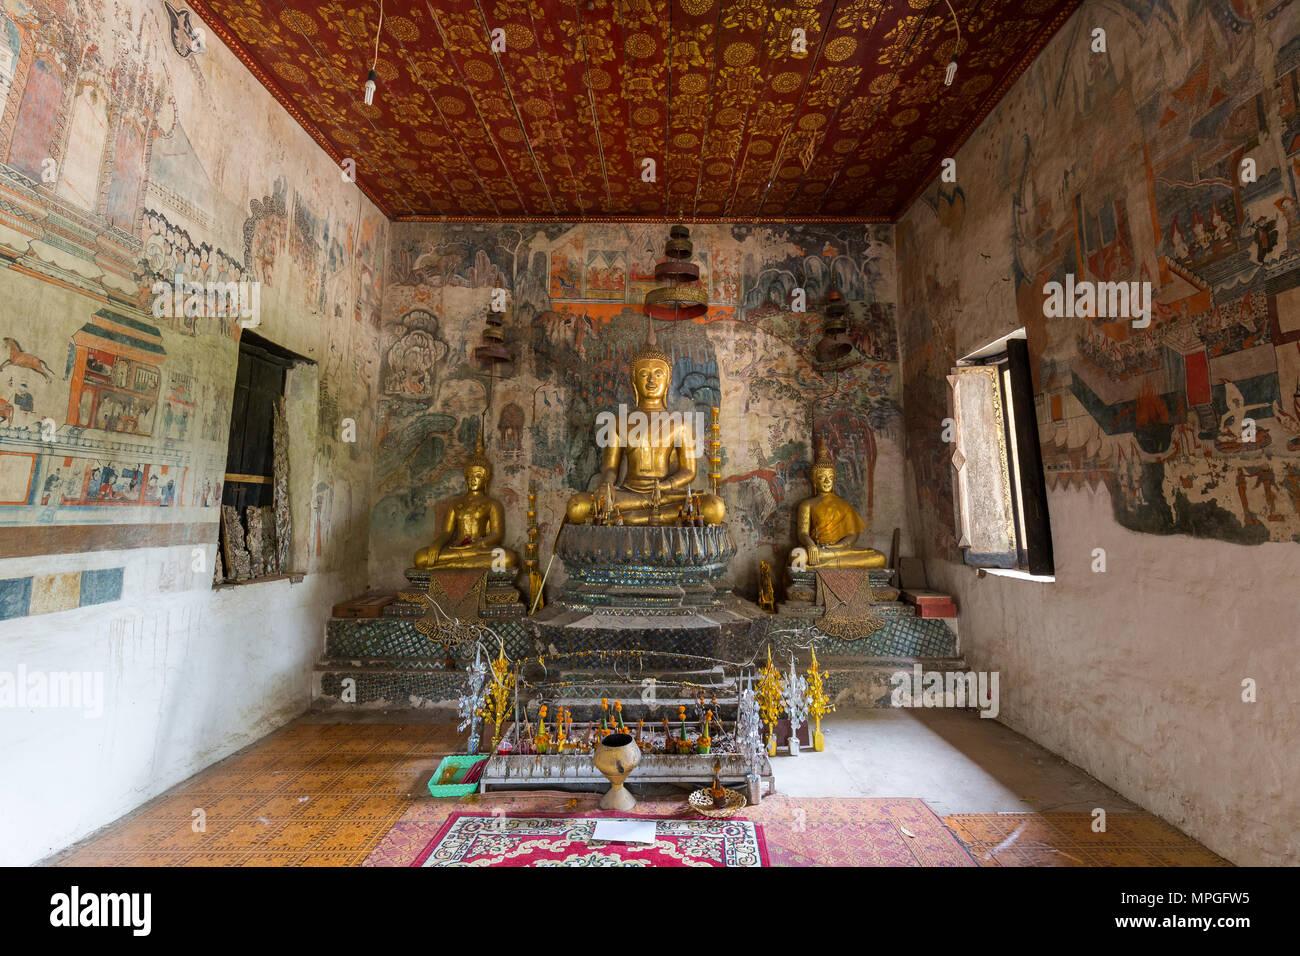 Murales, altare e statue di Buddha all'interno di Wat Pa Huak tempio a Luang Prabang, Laos. Immagini Stock